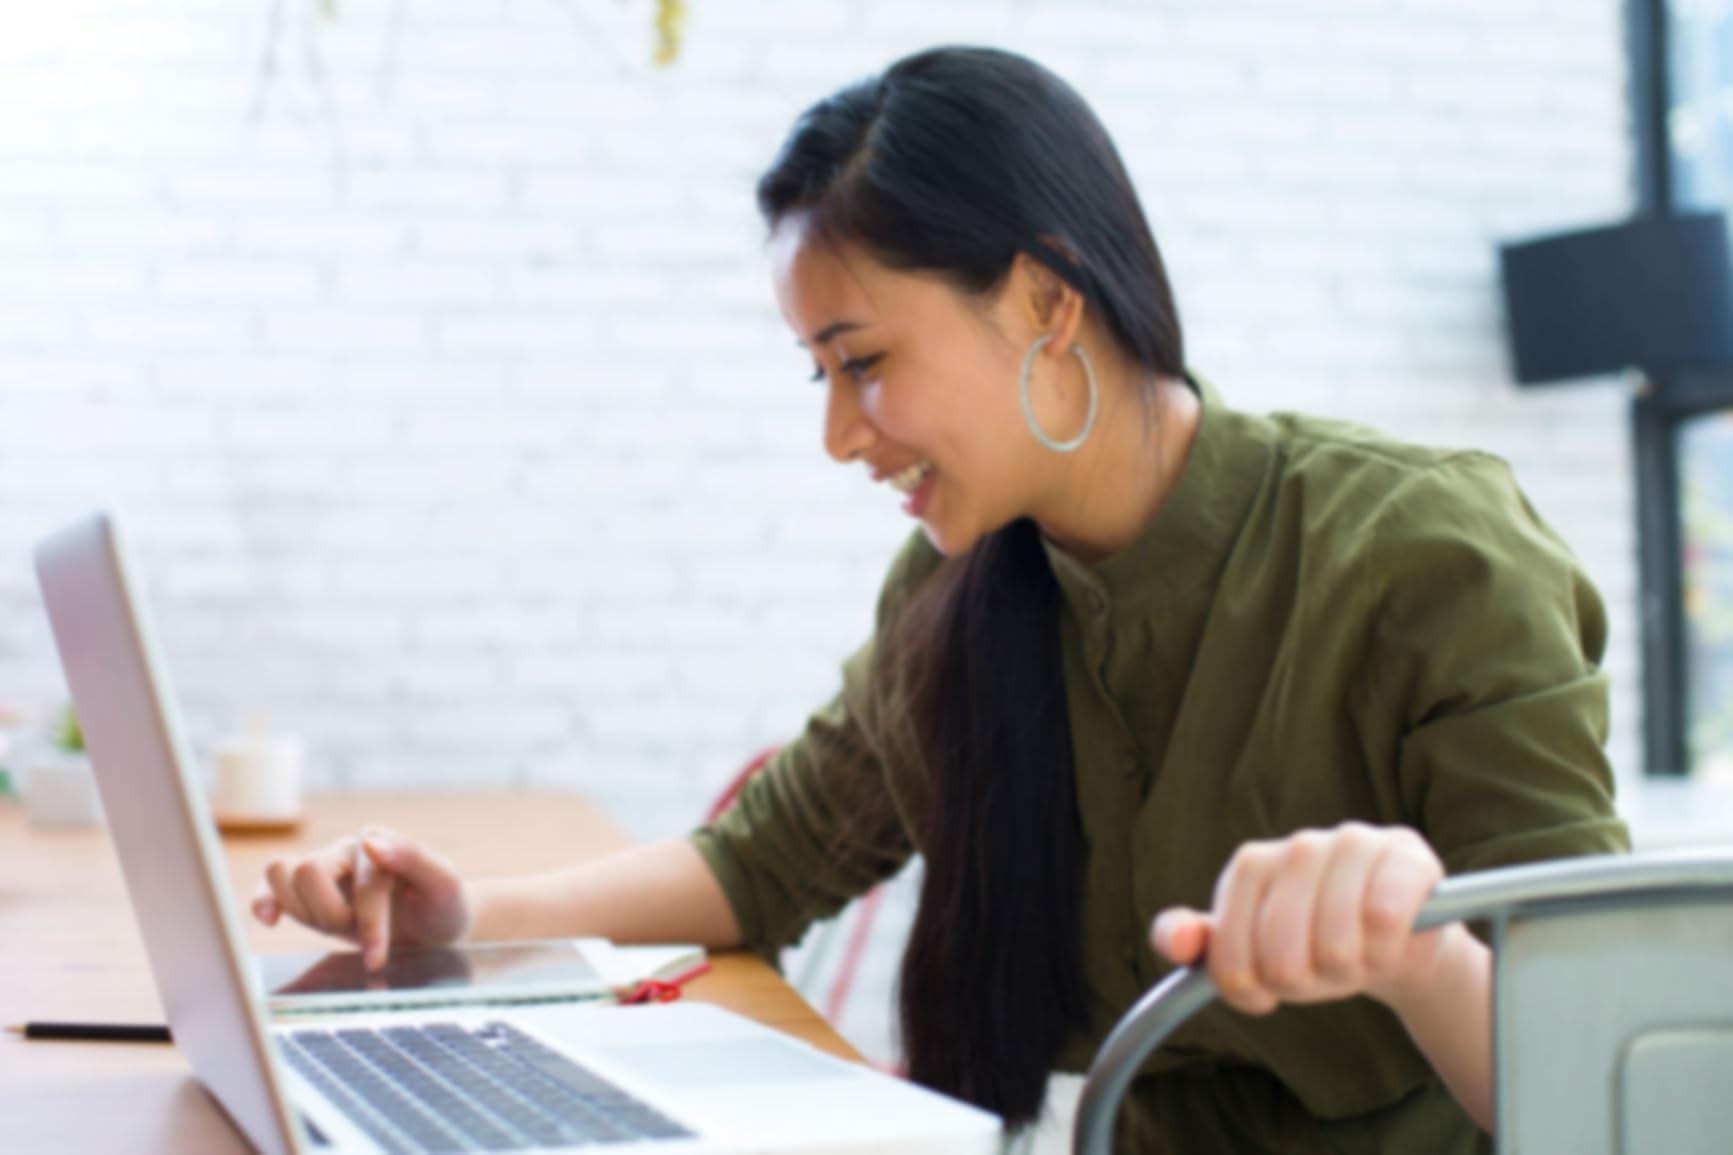 Una giovane donna scorre le pagine su un tablet mentre siede a un tavolo con un laptop.